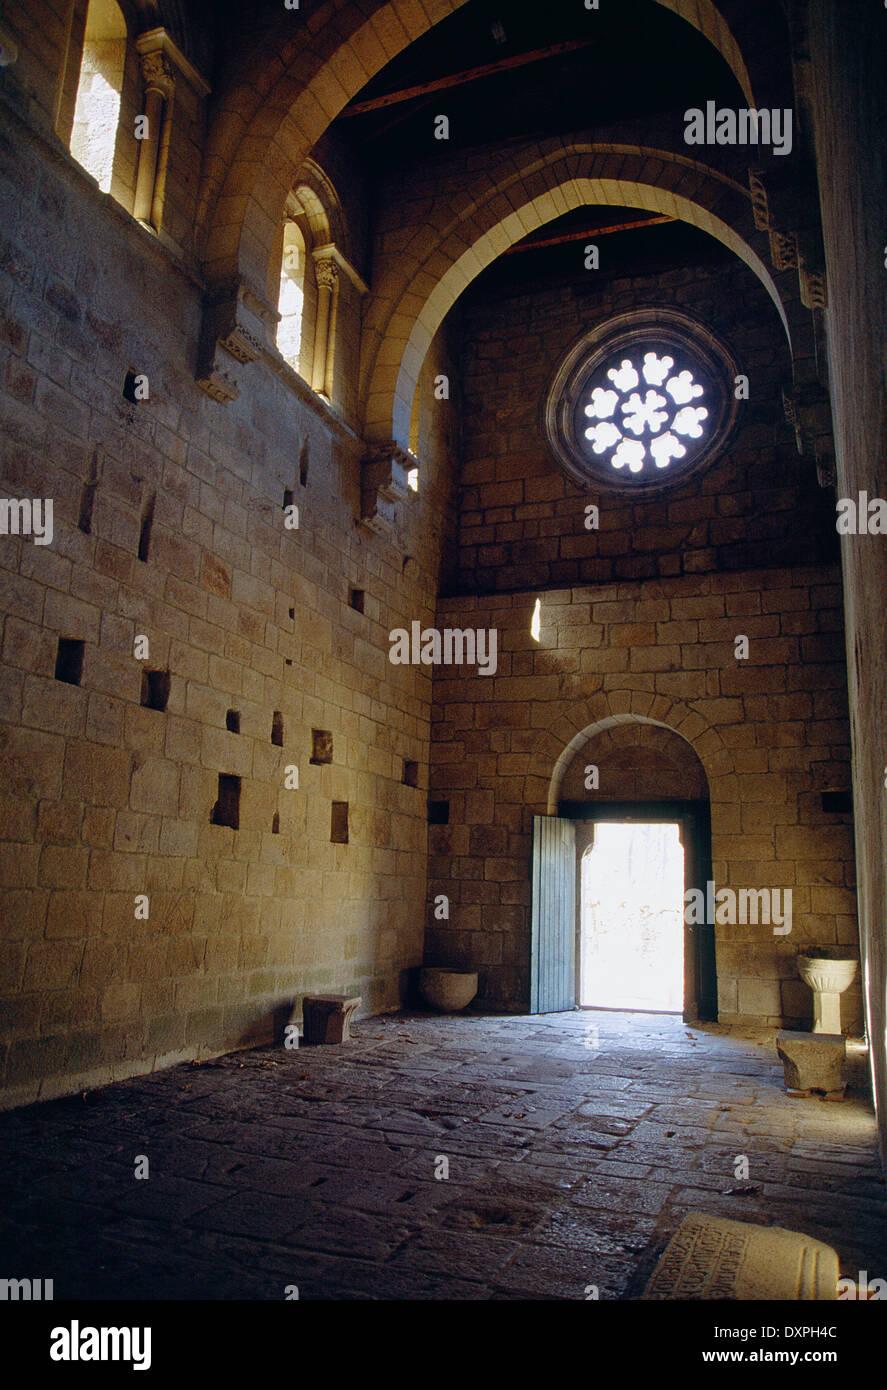 Church, indoor view. Monastery of Santa Cristina de Ribas de Sil, Ribeira Sacra, Orense province, Galicia, Spain. - Stock Image